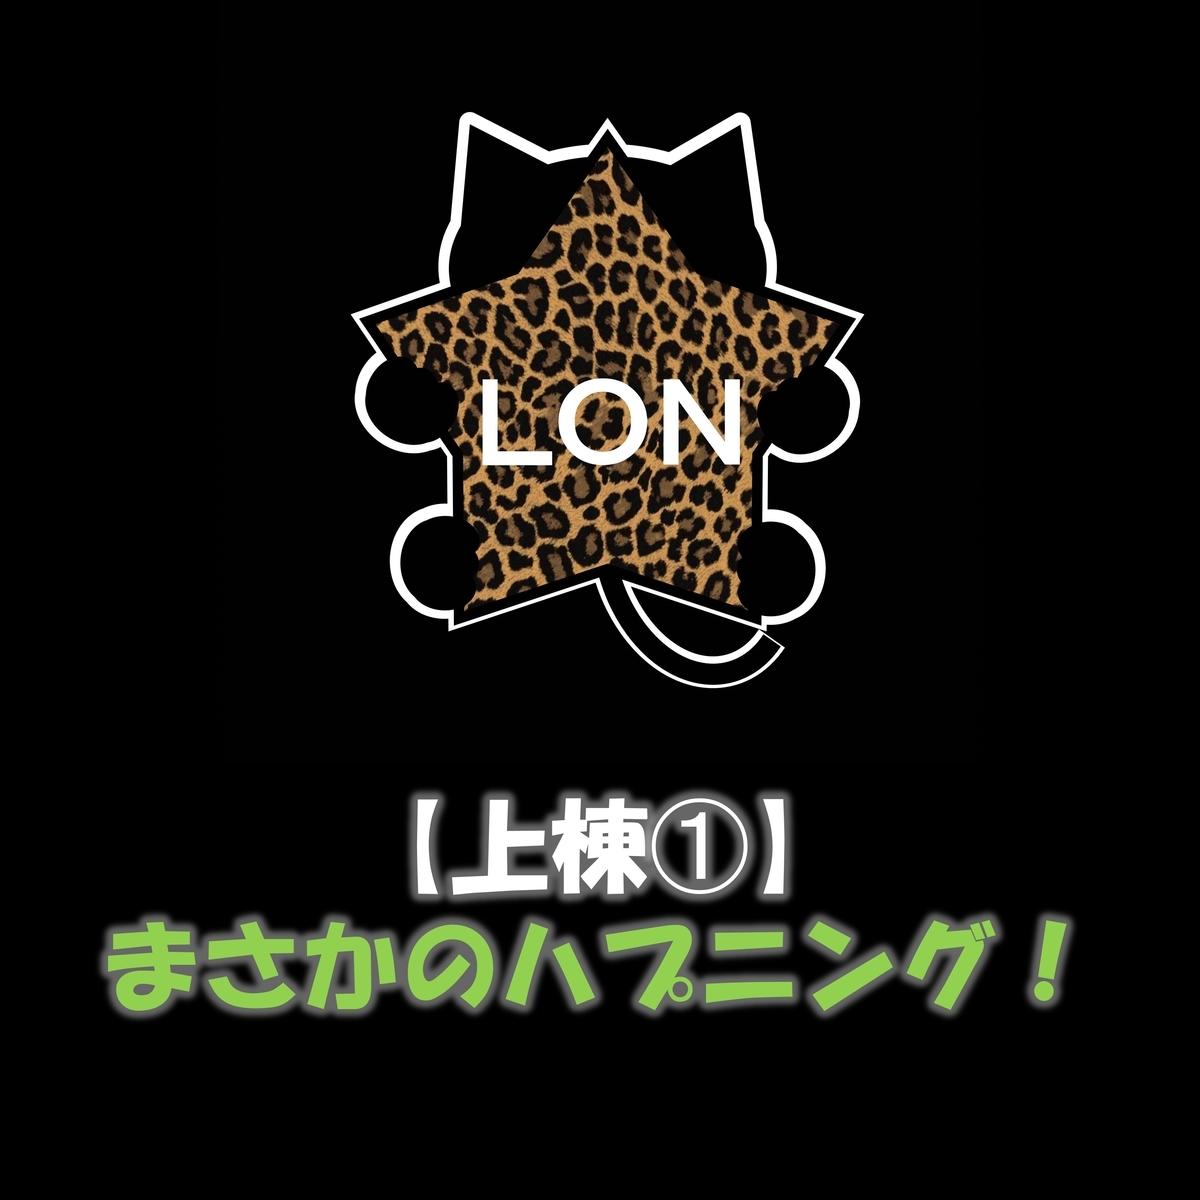 f:id:lon_blackcat:20201121002137j:plain